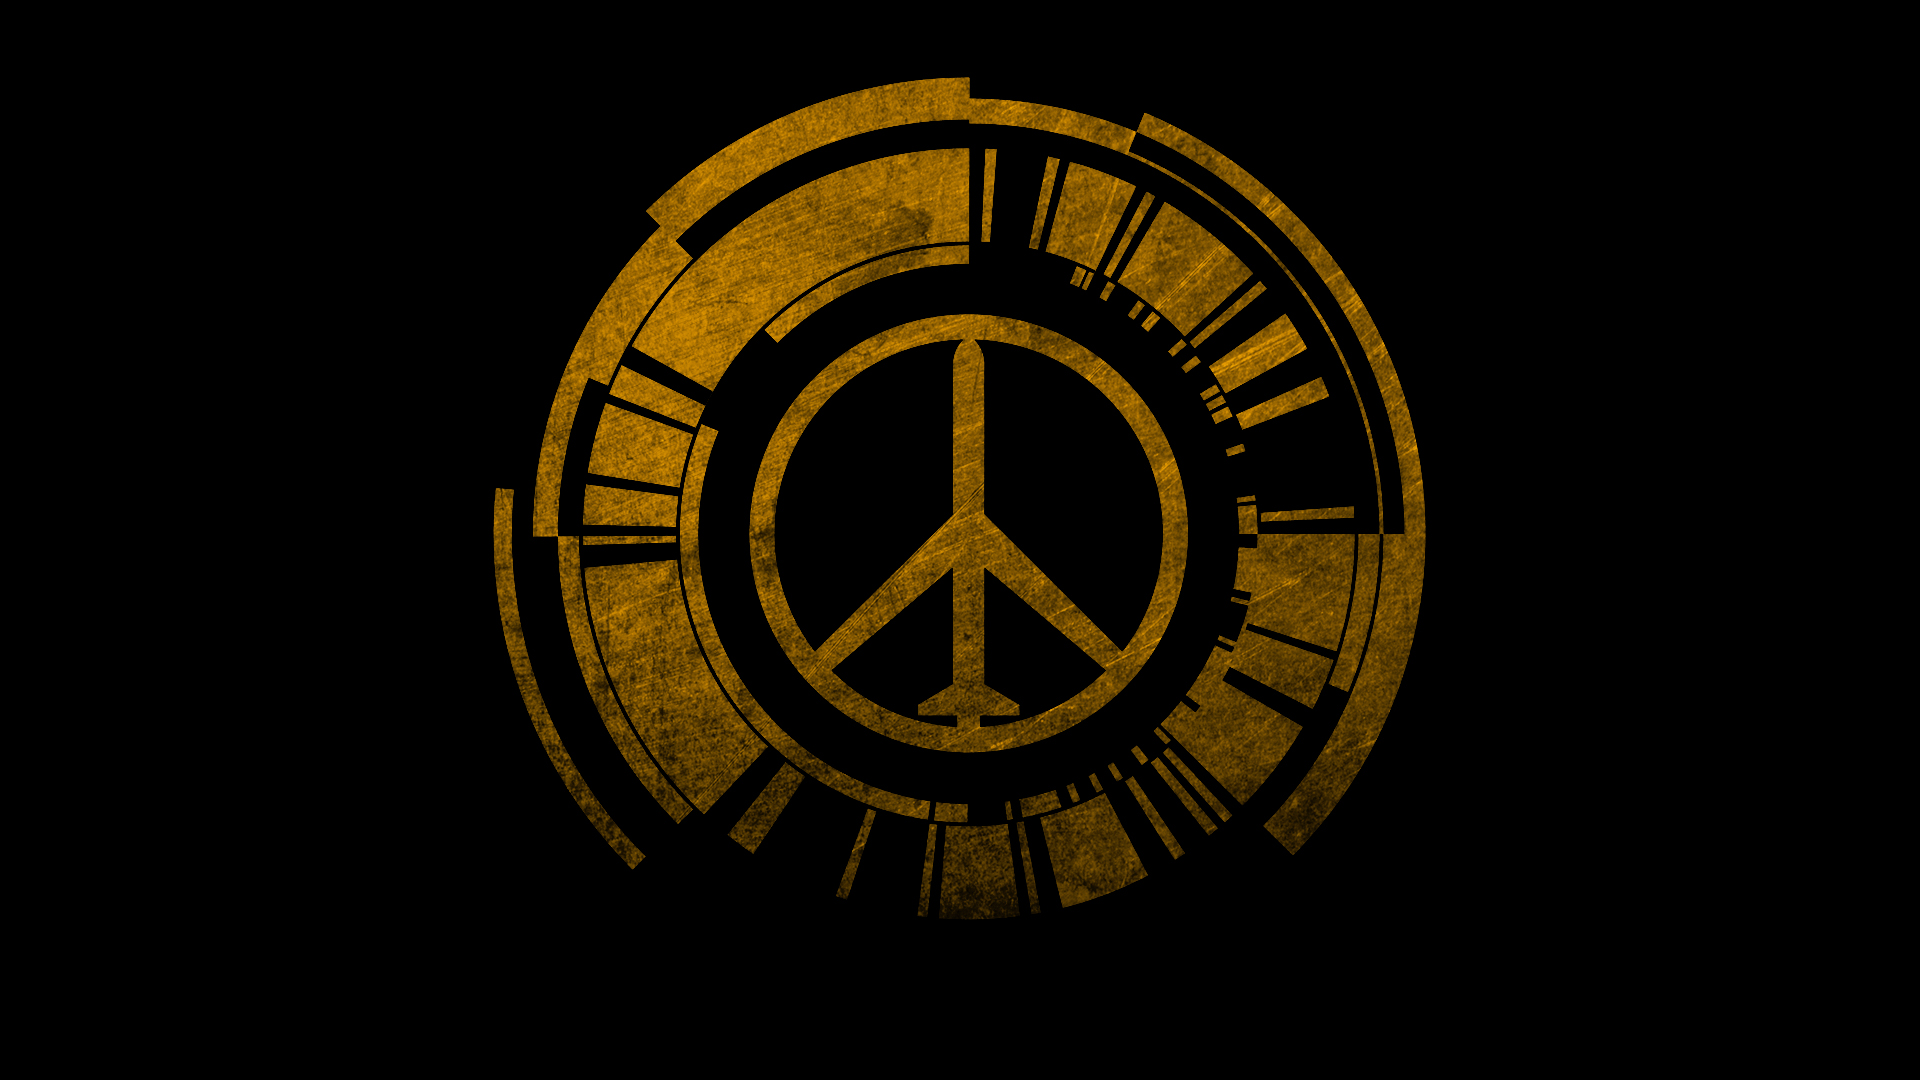 metal gear solid peace walker logo wallpaper   1920x1080   123475